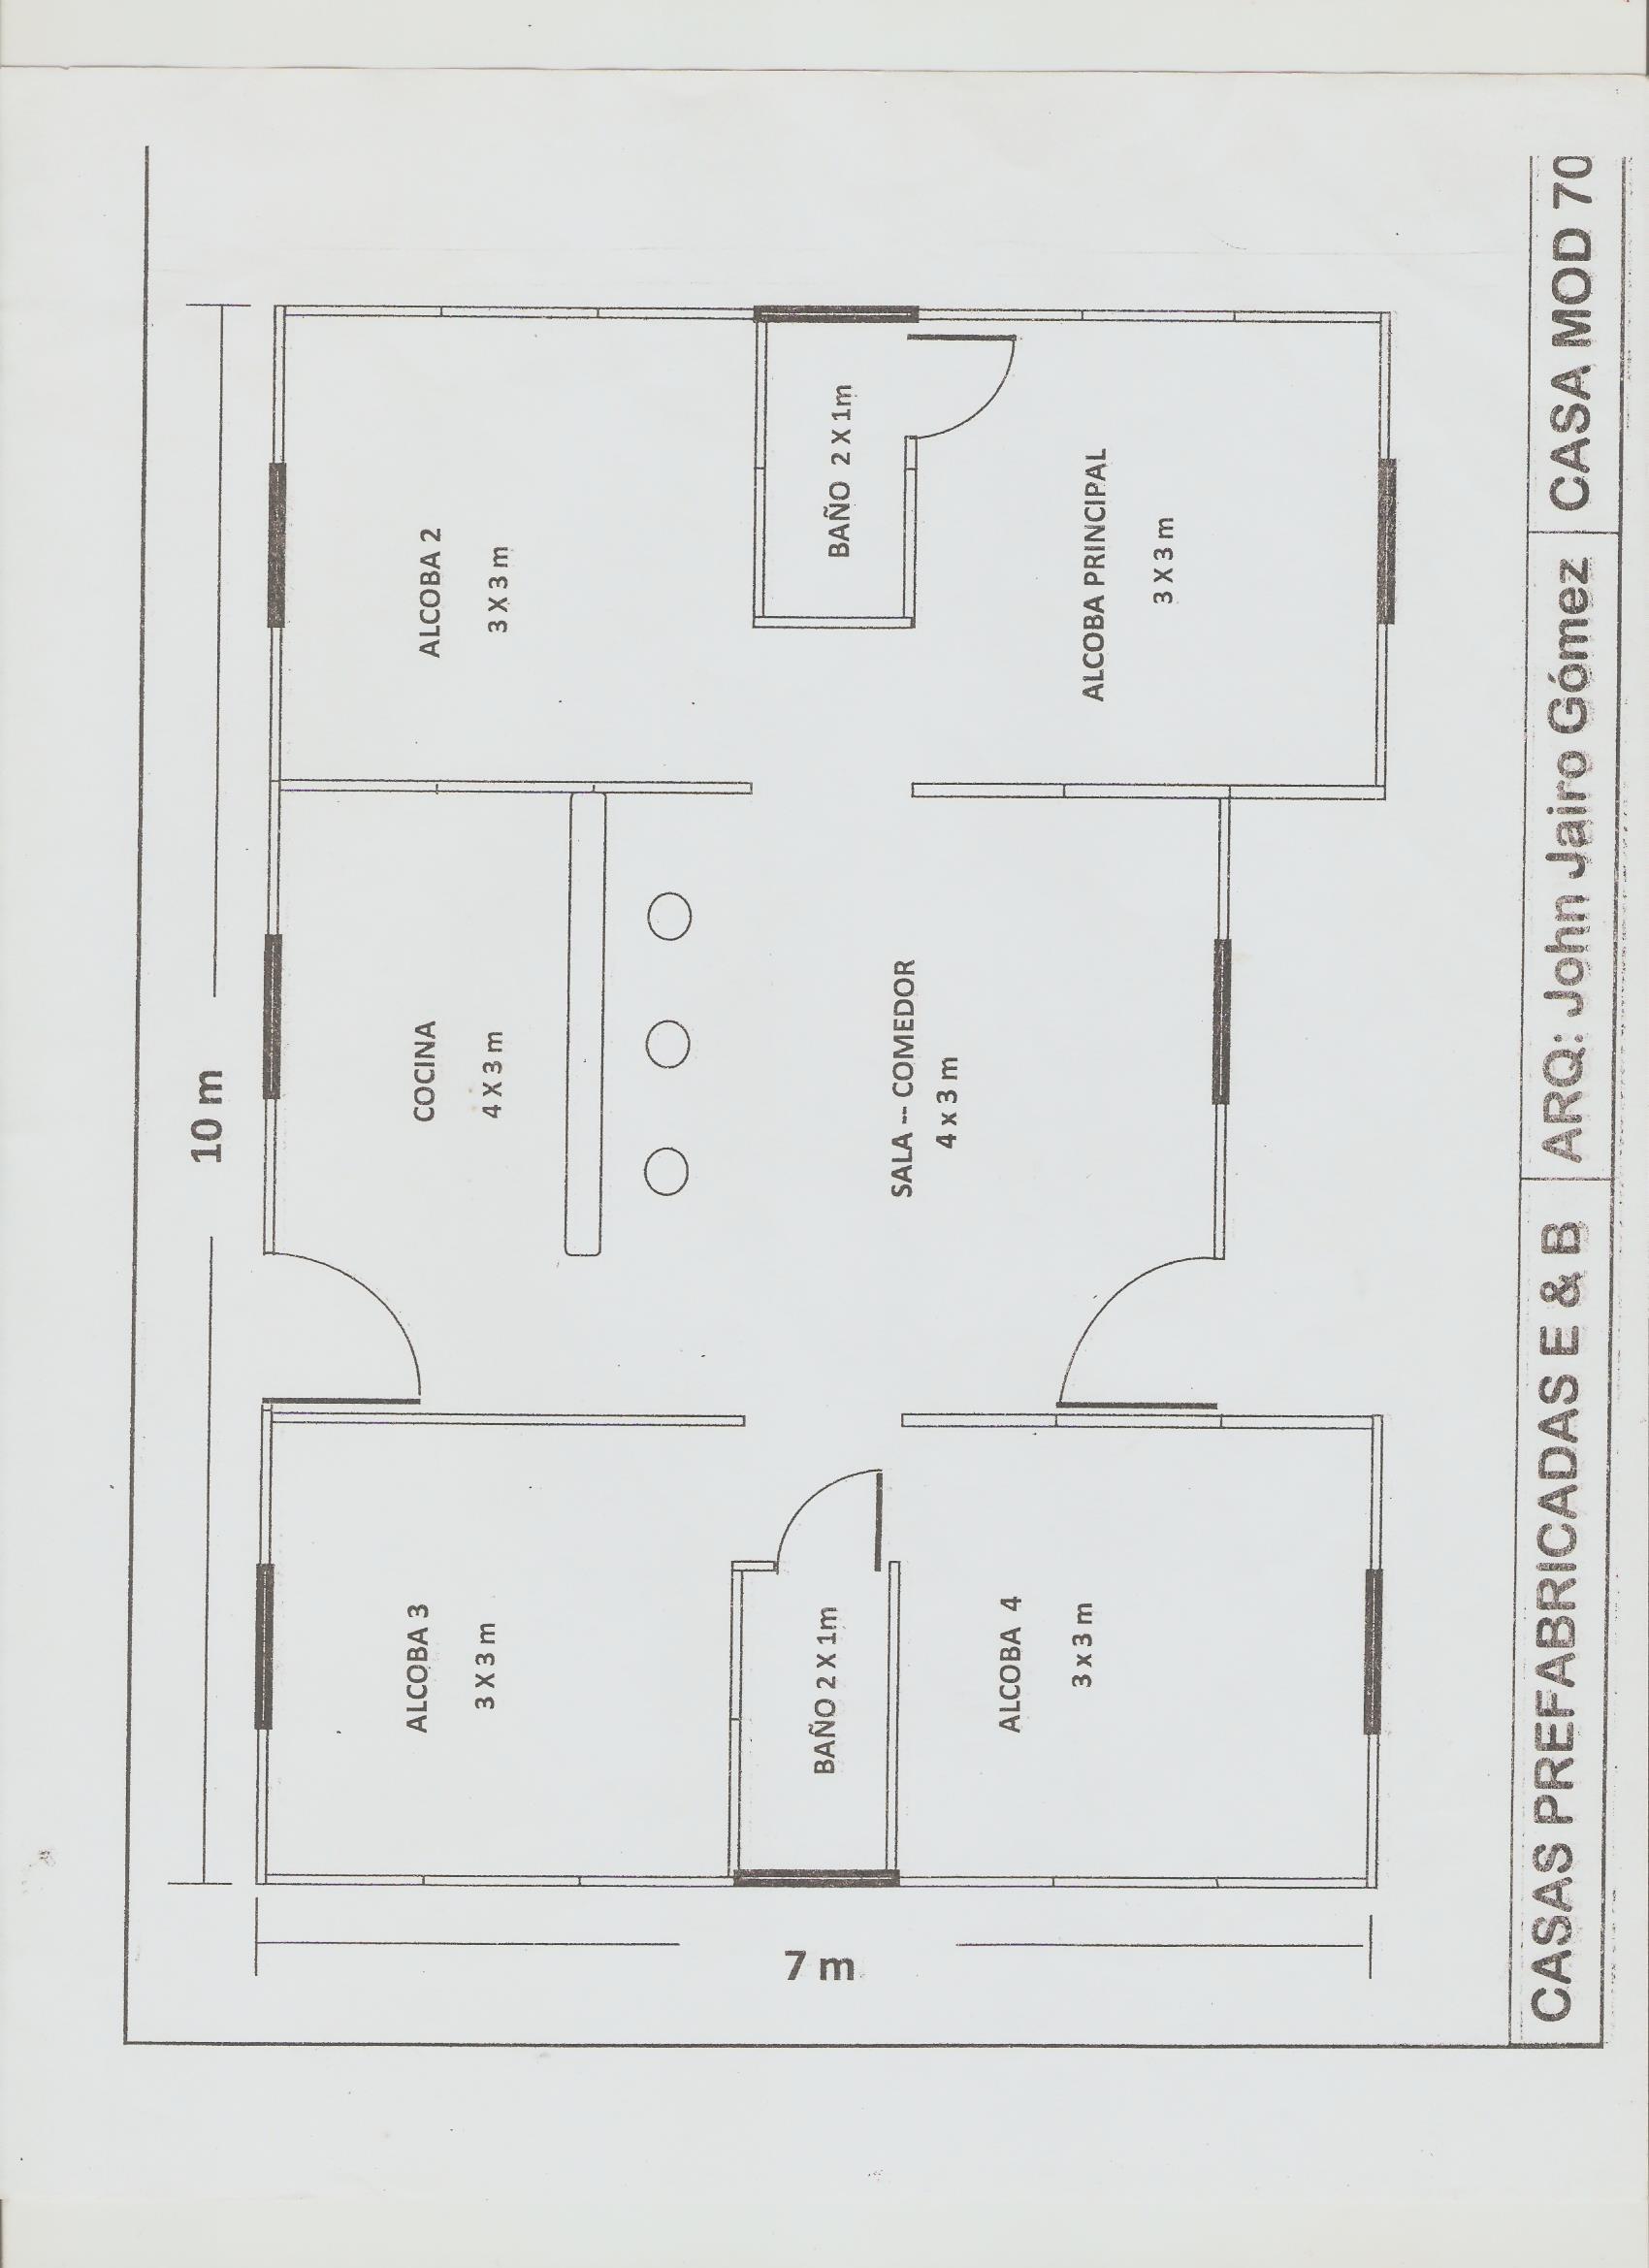 Planos casas prefabricadas bonilla for Casas modernas de 70m2